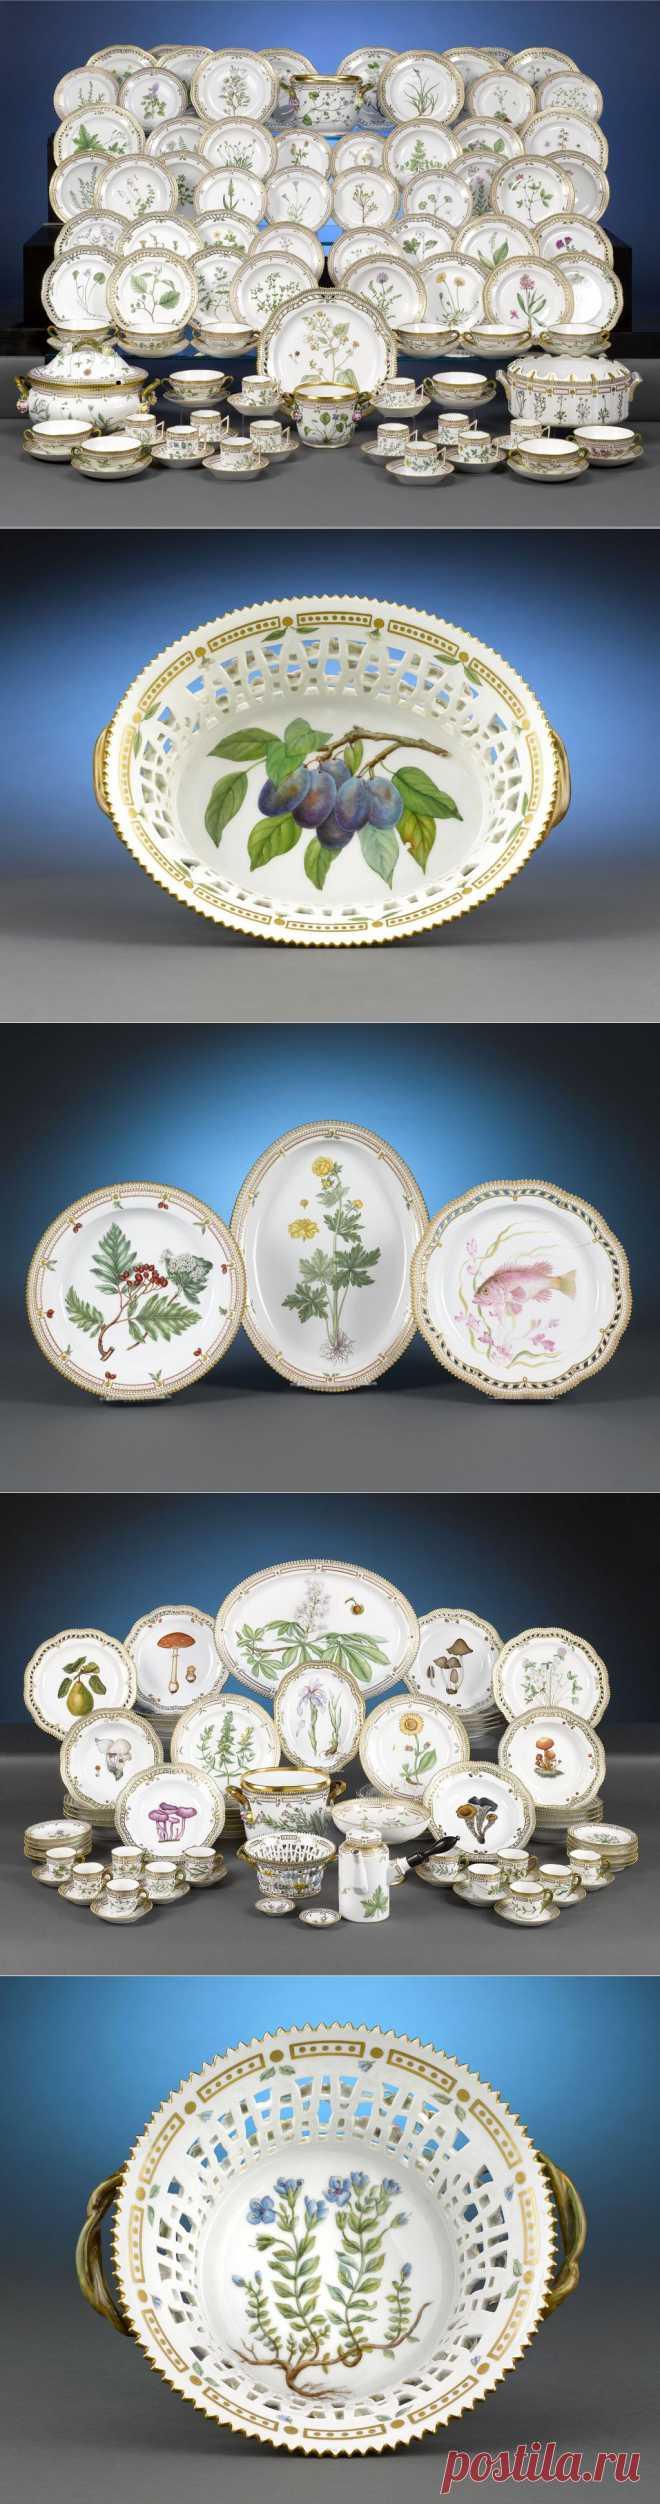 Сервиз «Flora Danica» - фарфоровый гербарий Датского королевства | Royal Copenhagen (часть II.) .